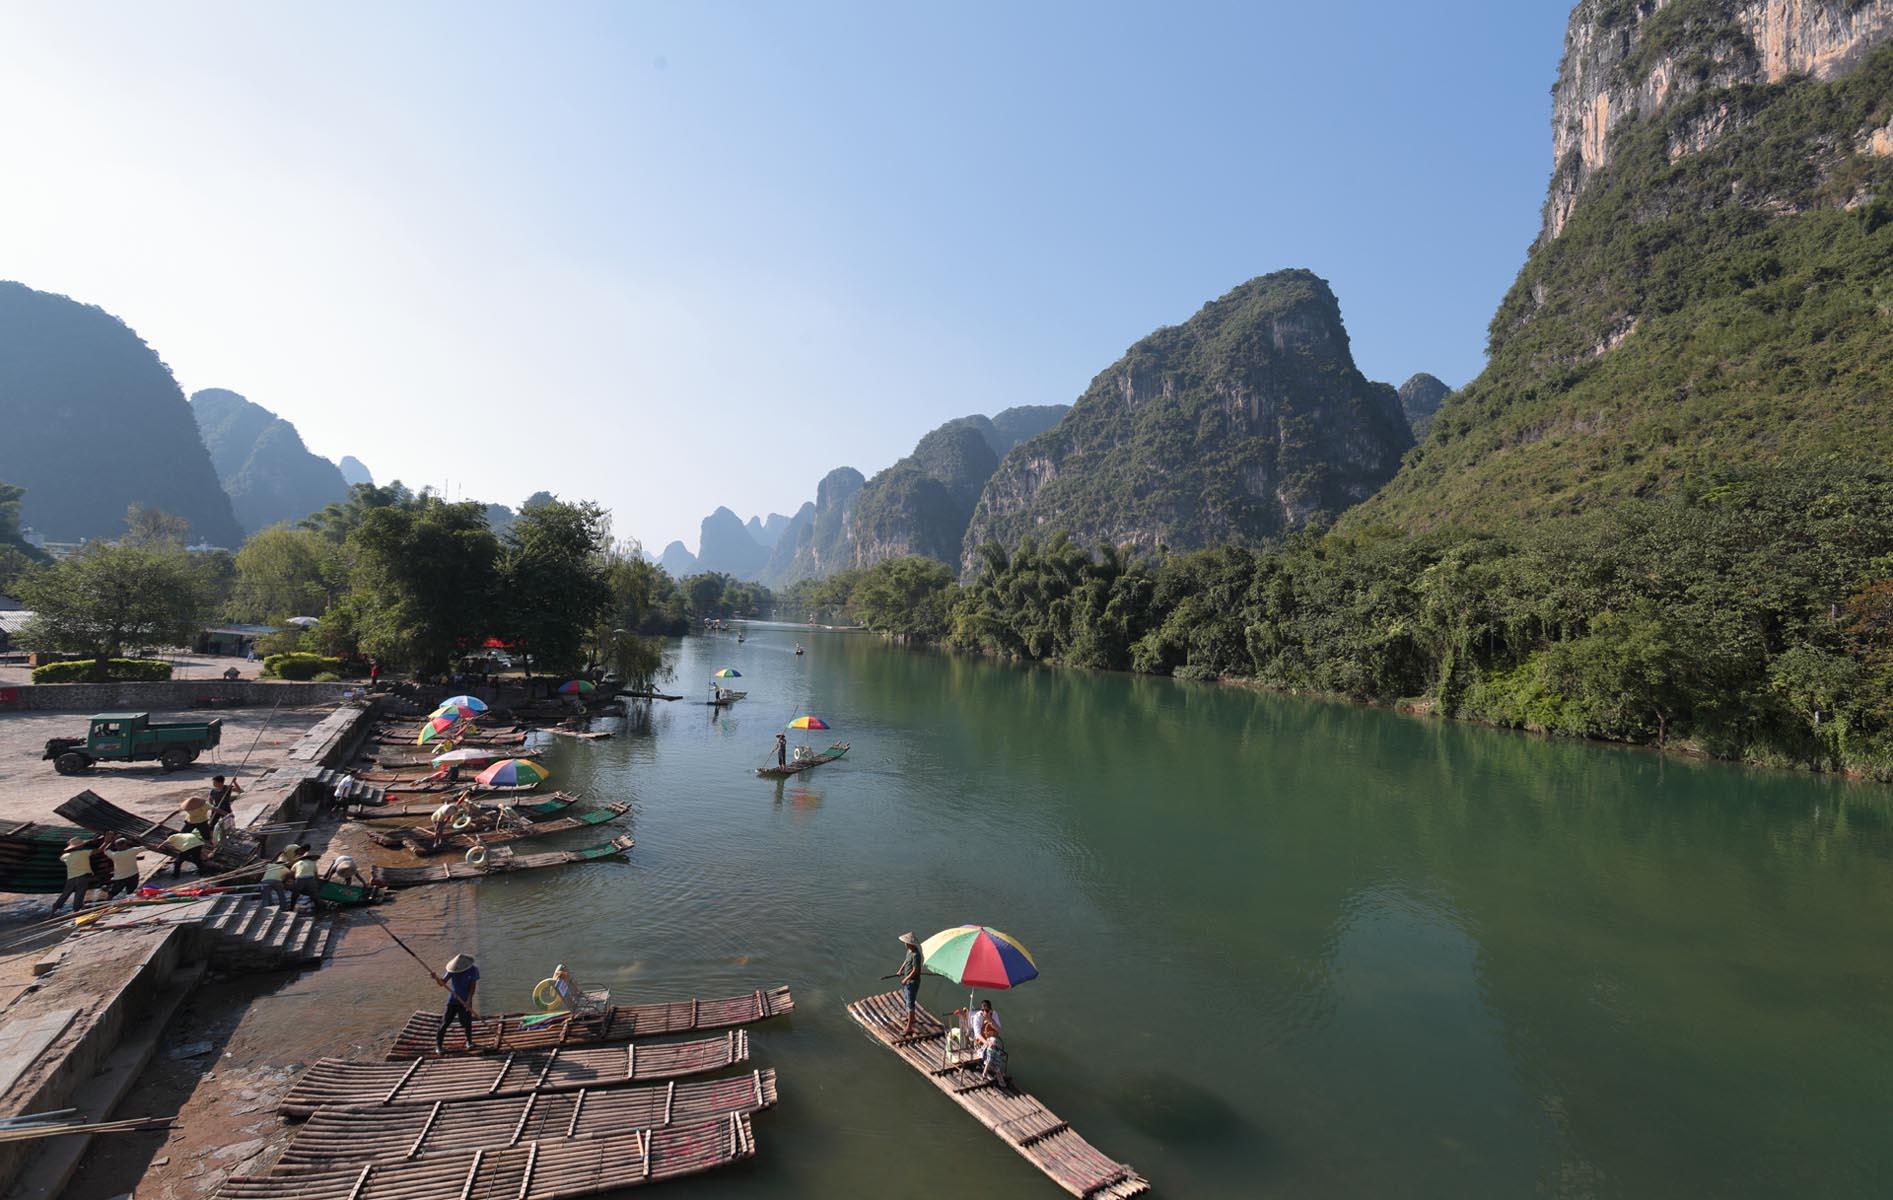 Touring in Lu Yong River. Landscape EDPI. Li Ting Jiang